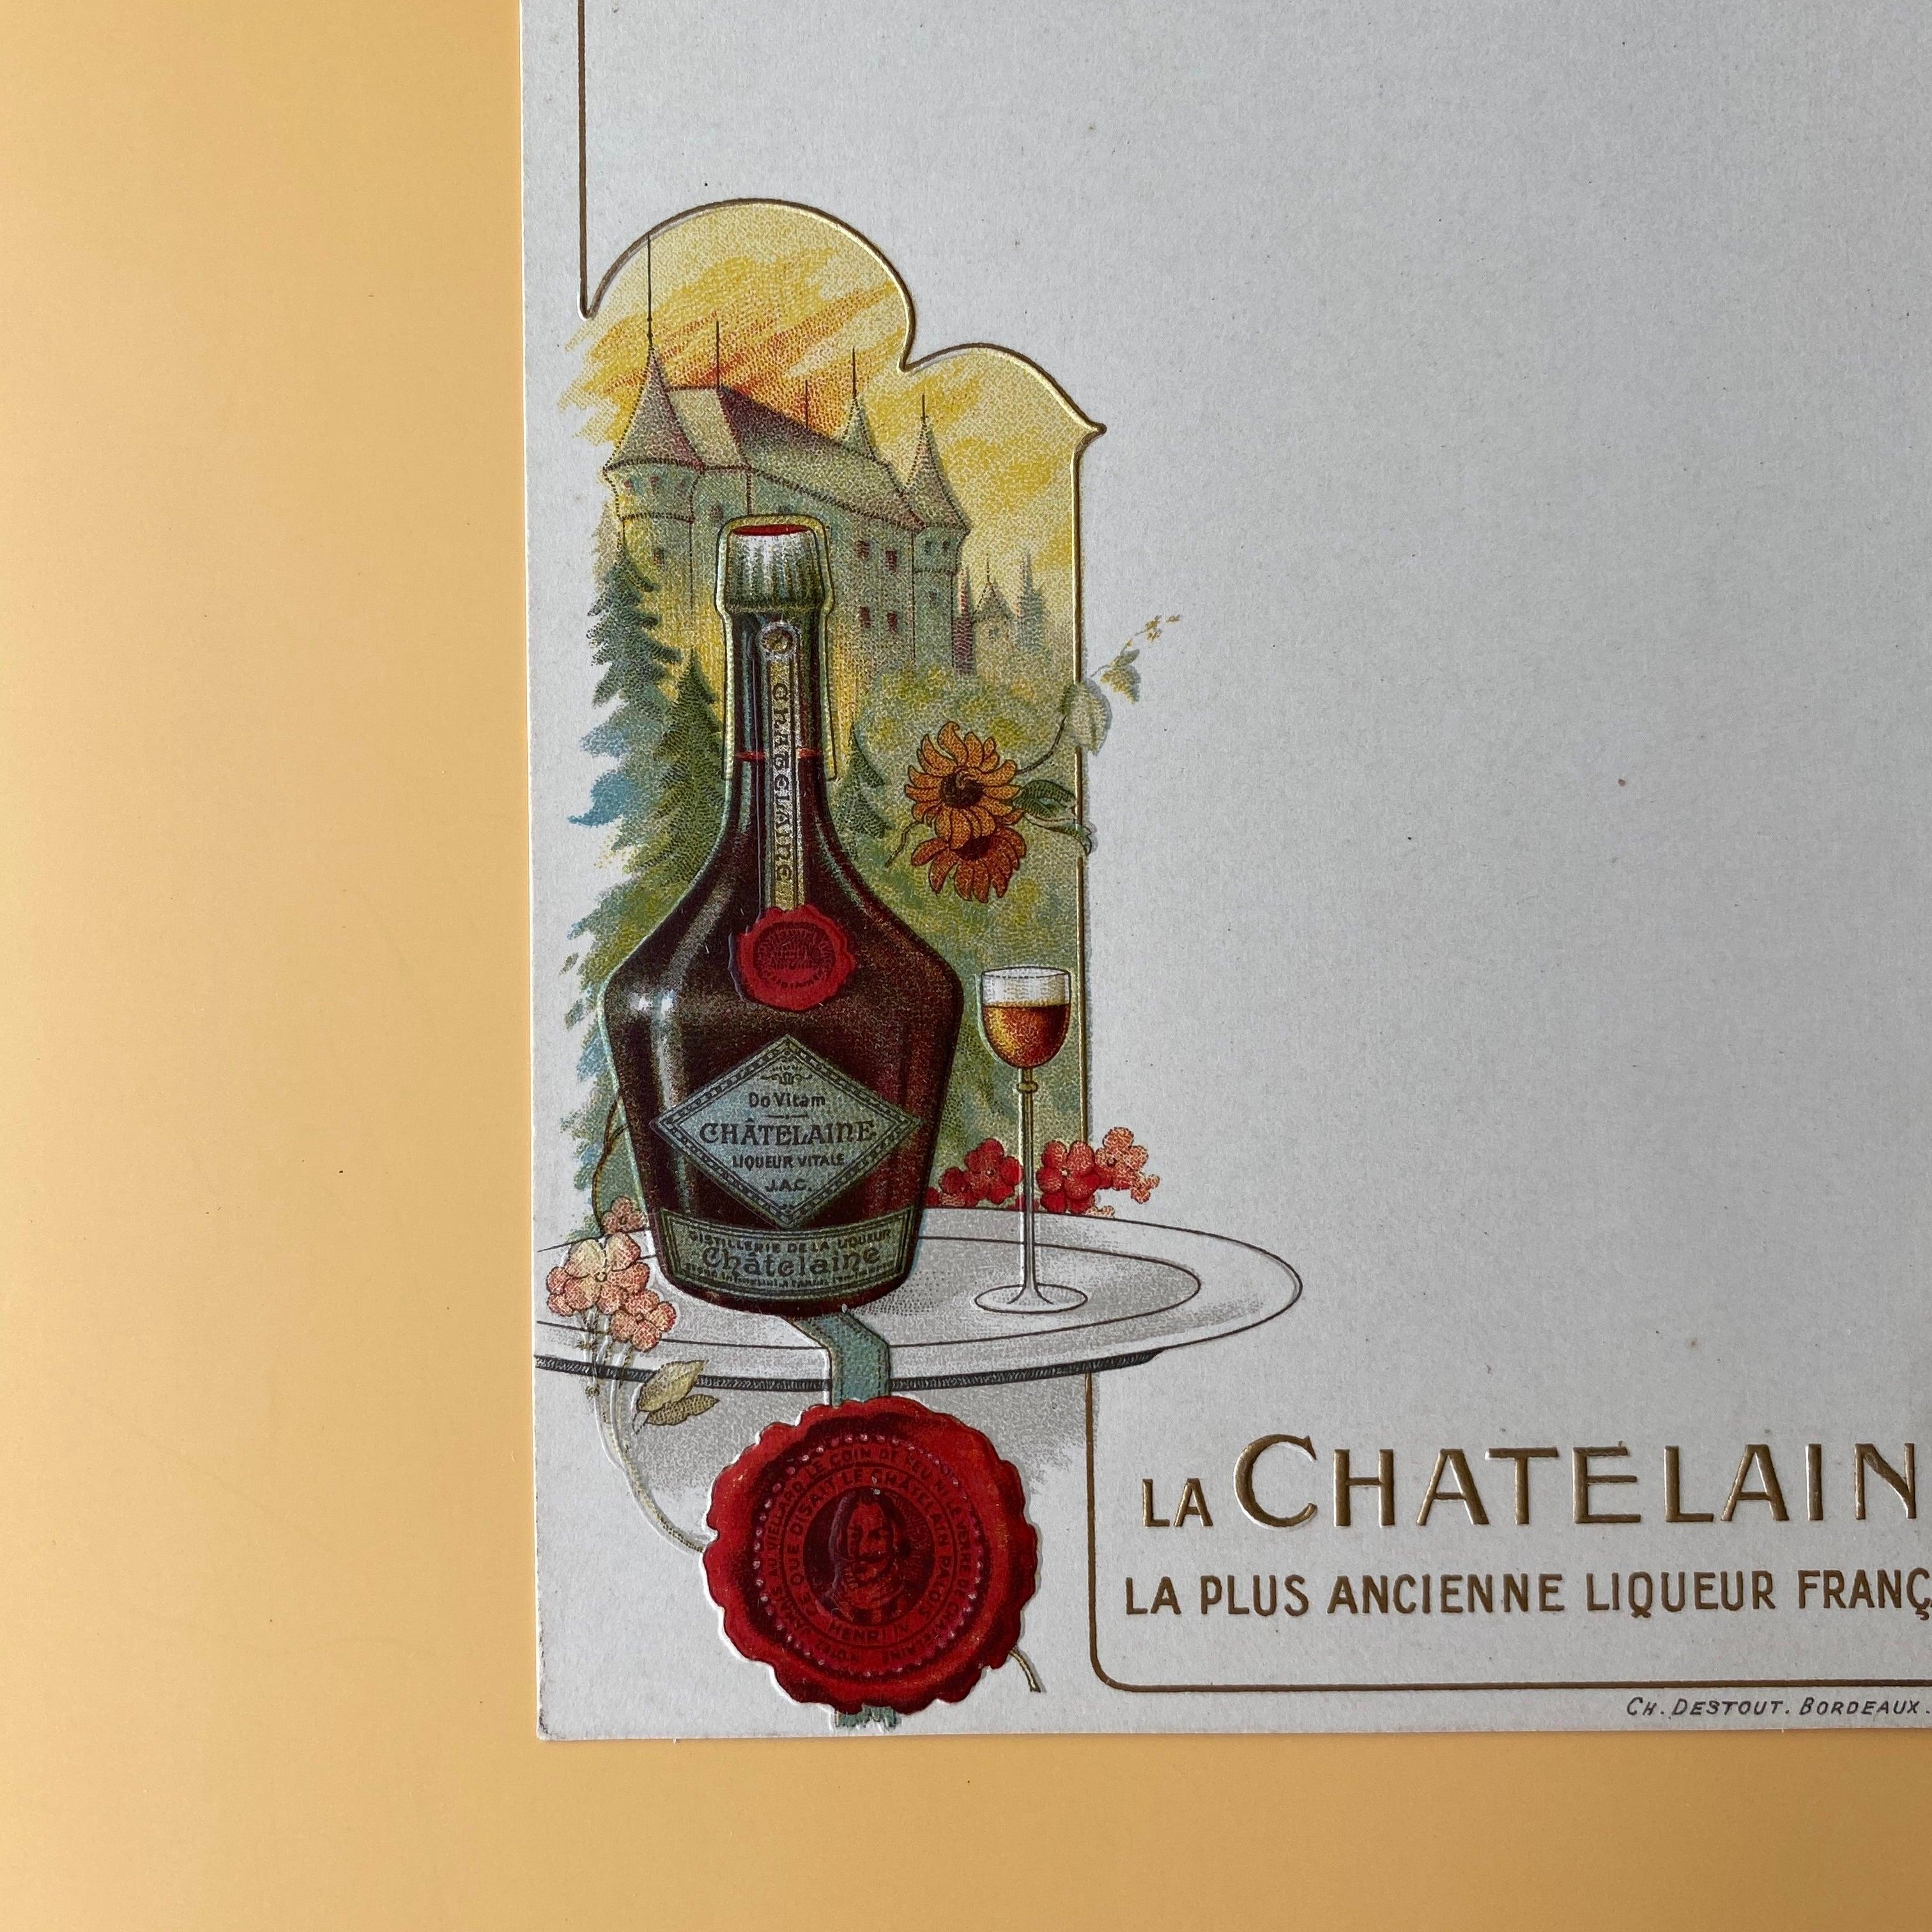 メニューカード(La CHATELAINE)/ vp0073